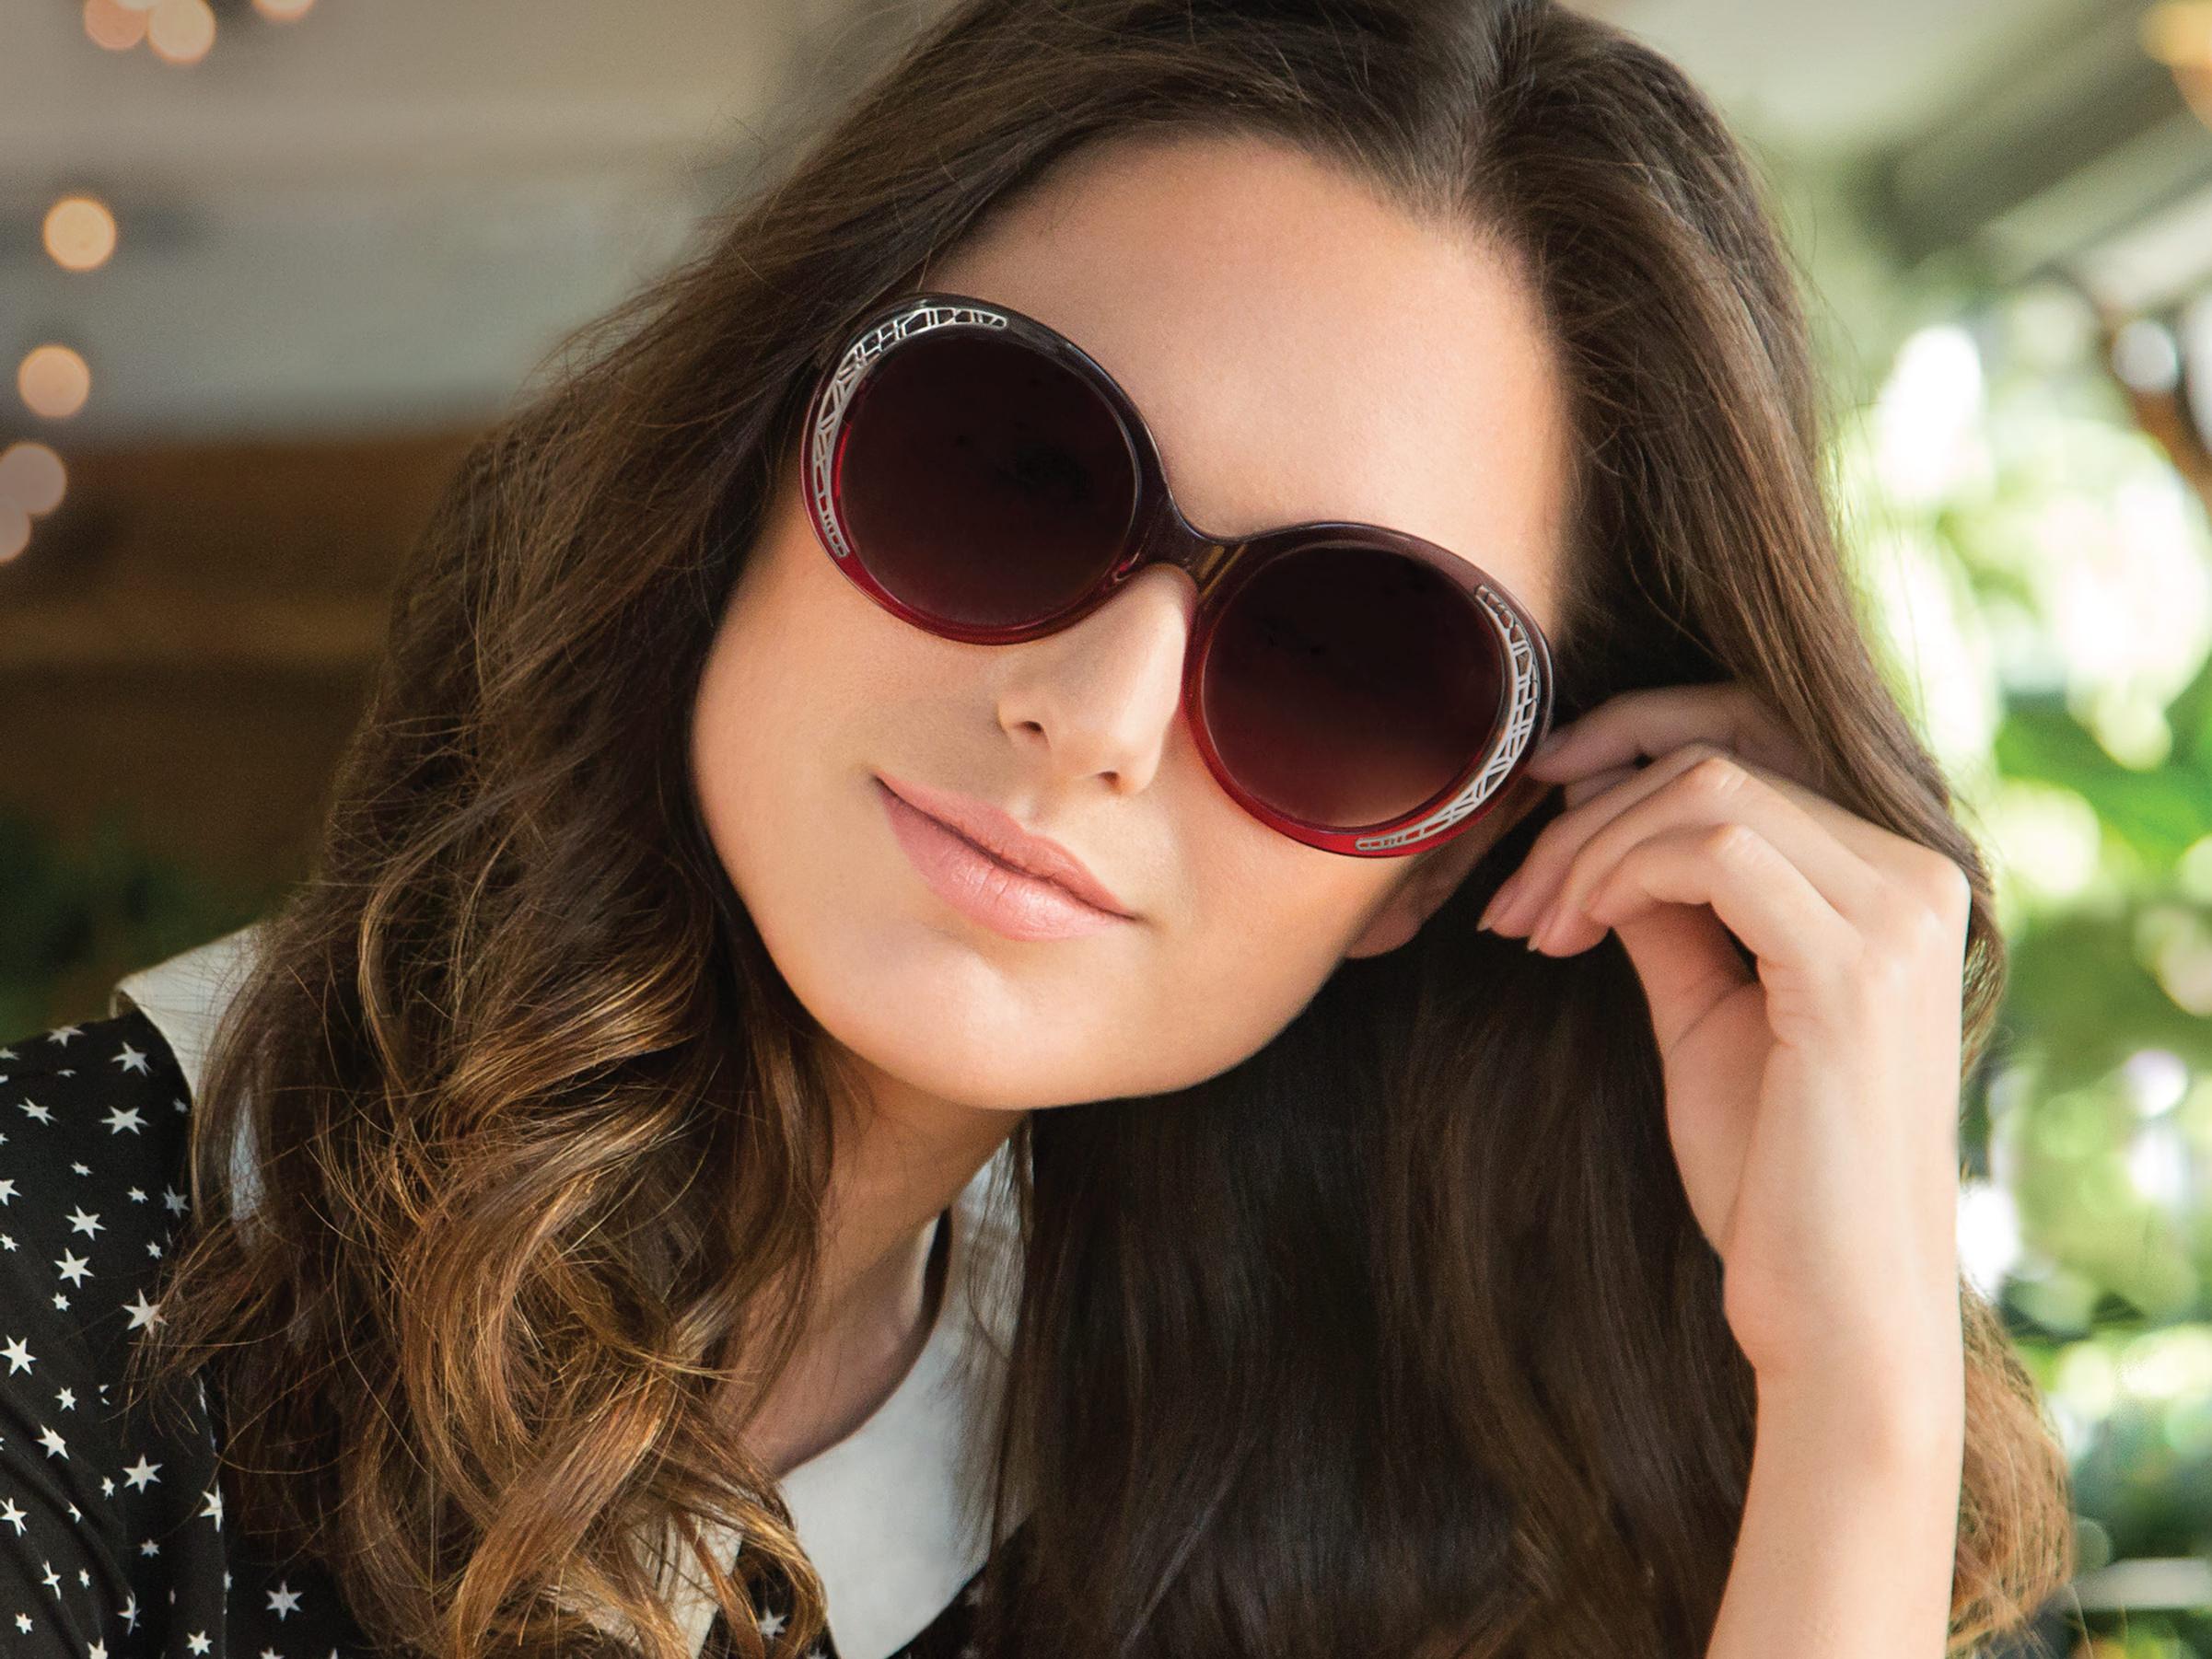 Фотографии девушек в очках в солнечных